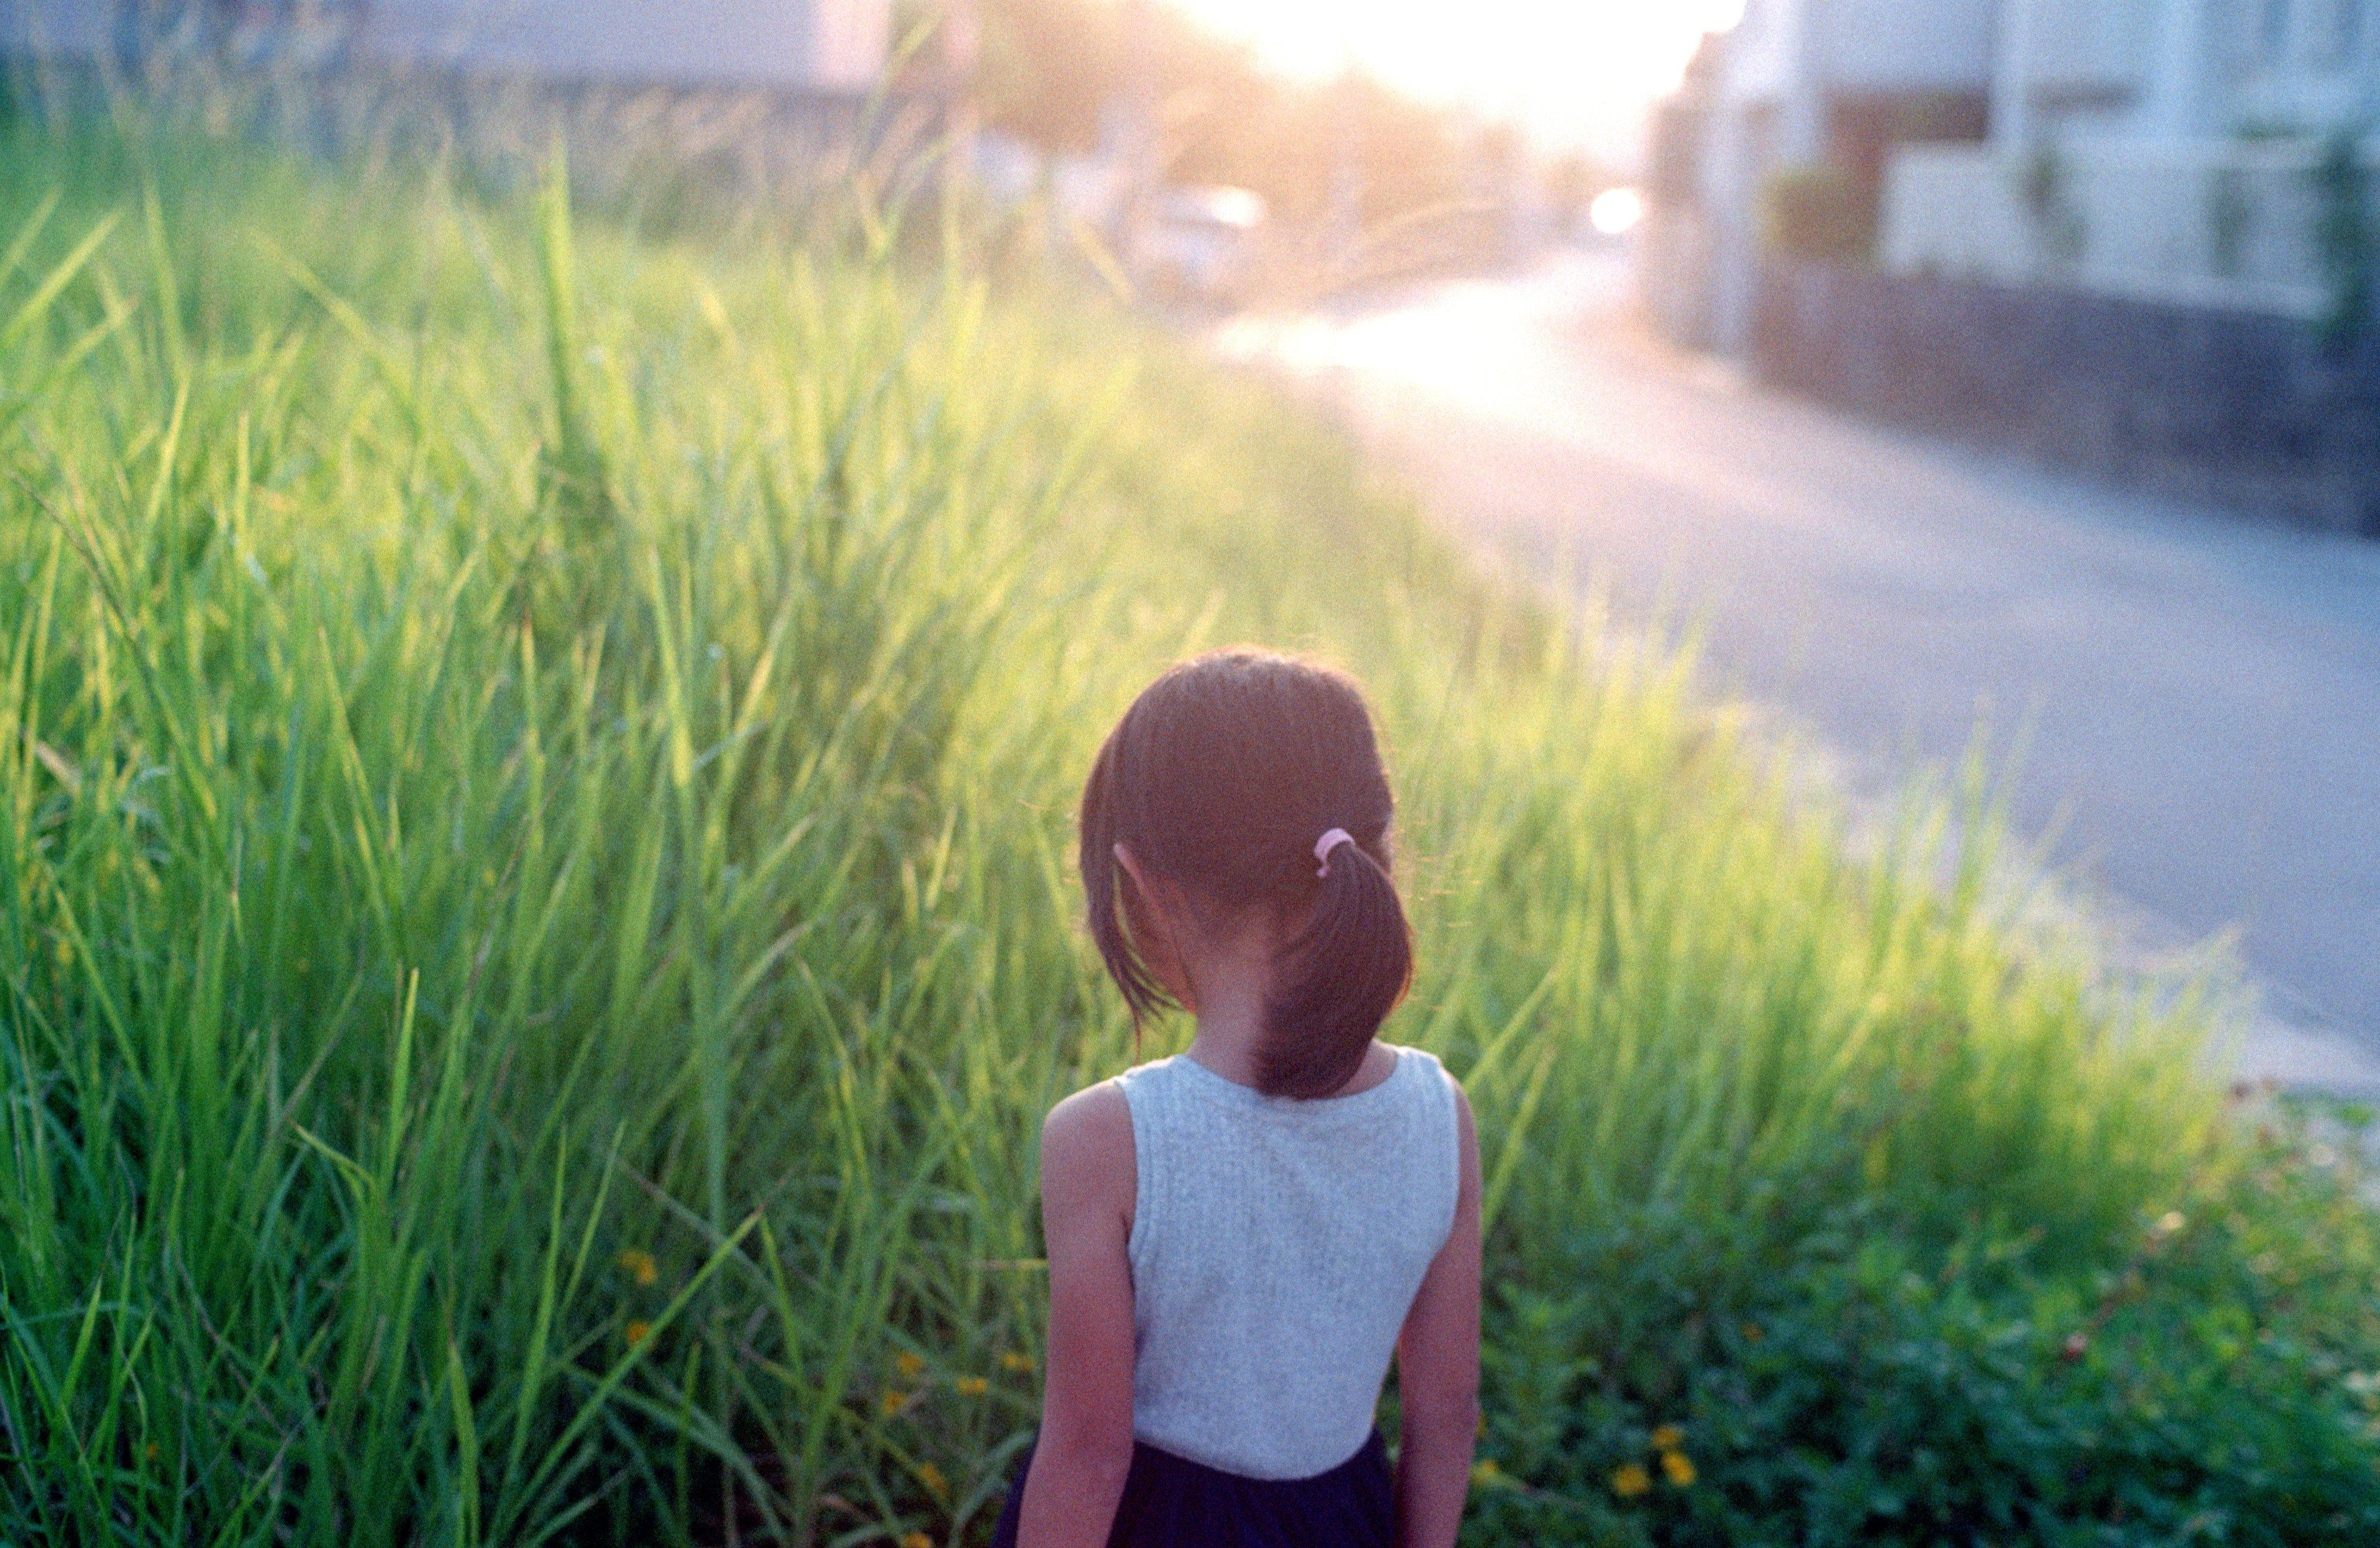 Νοσηλευτής και τέσσερις φίλοι του βίασαν ομαδικά 4χρονο κοριτσάκι που νοσηλευόταν στην